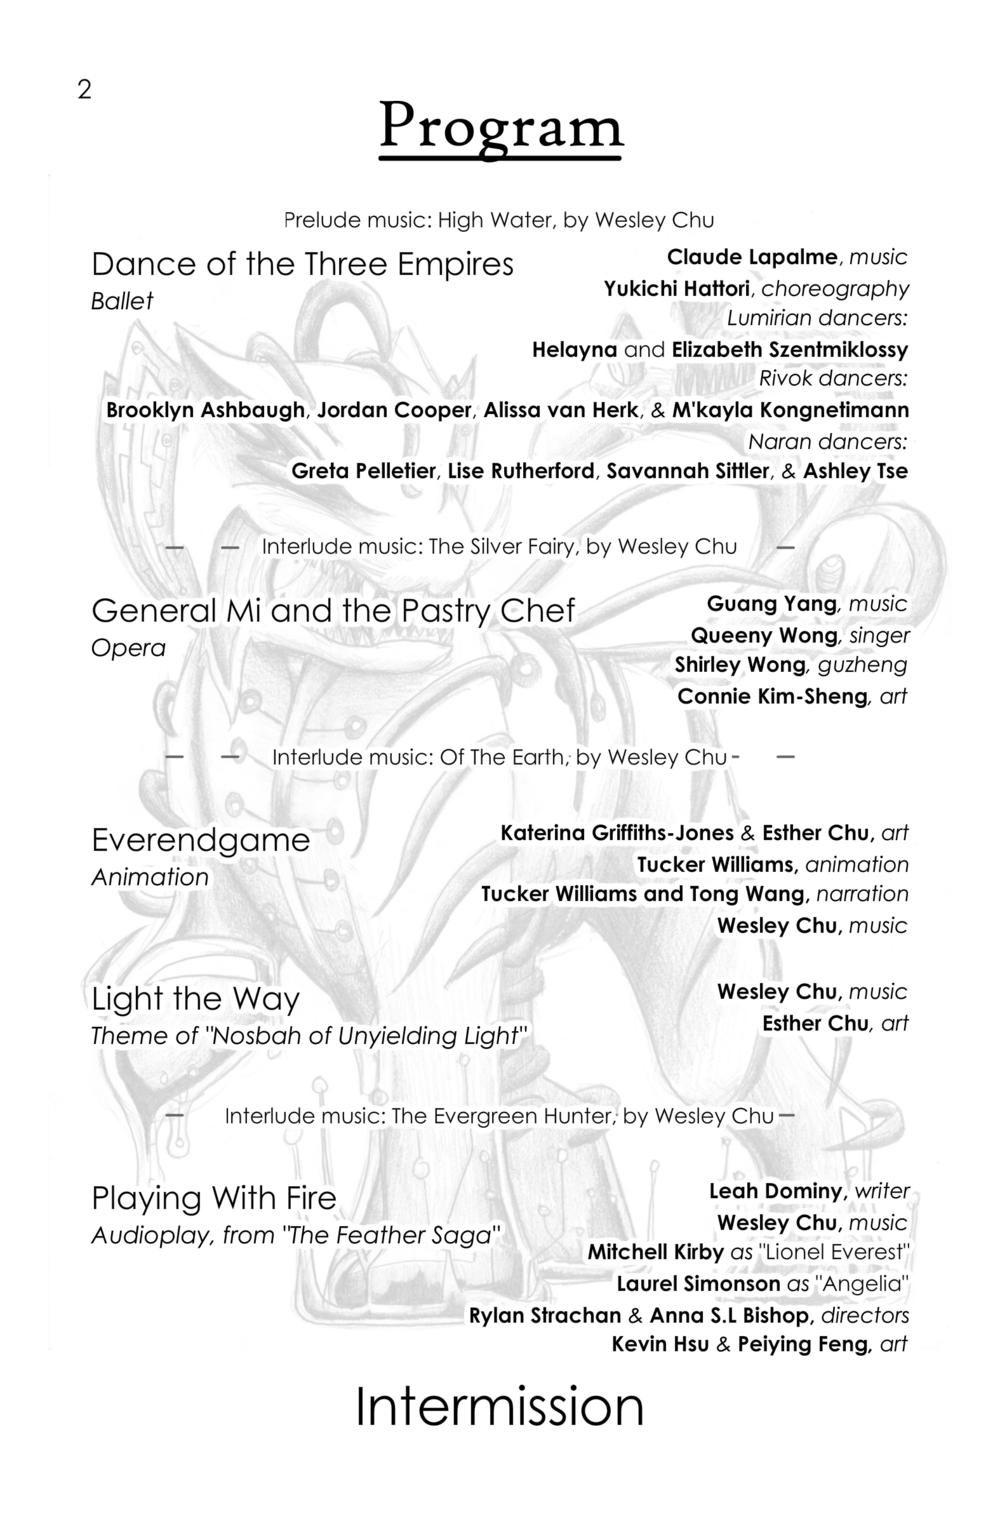 Program Booklet0004.png